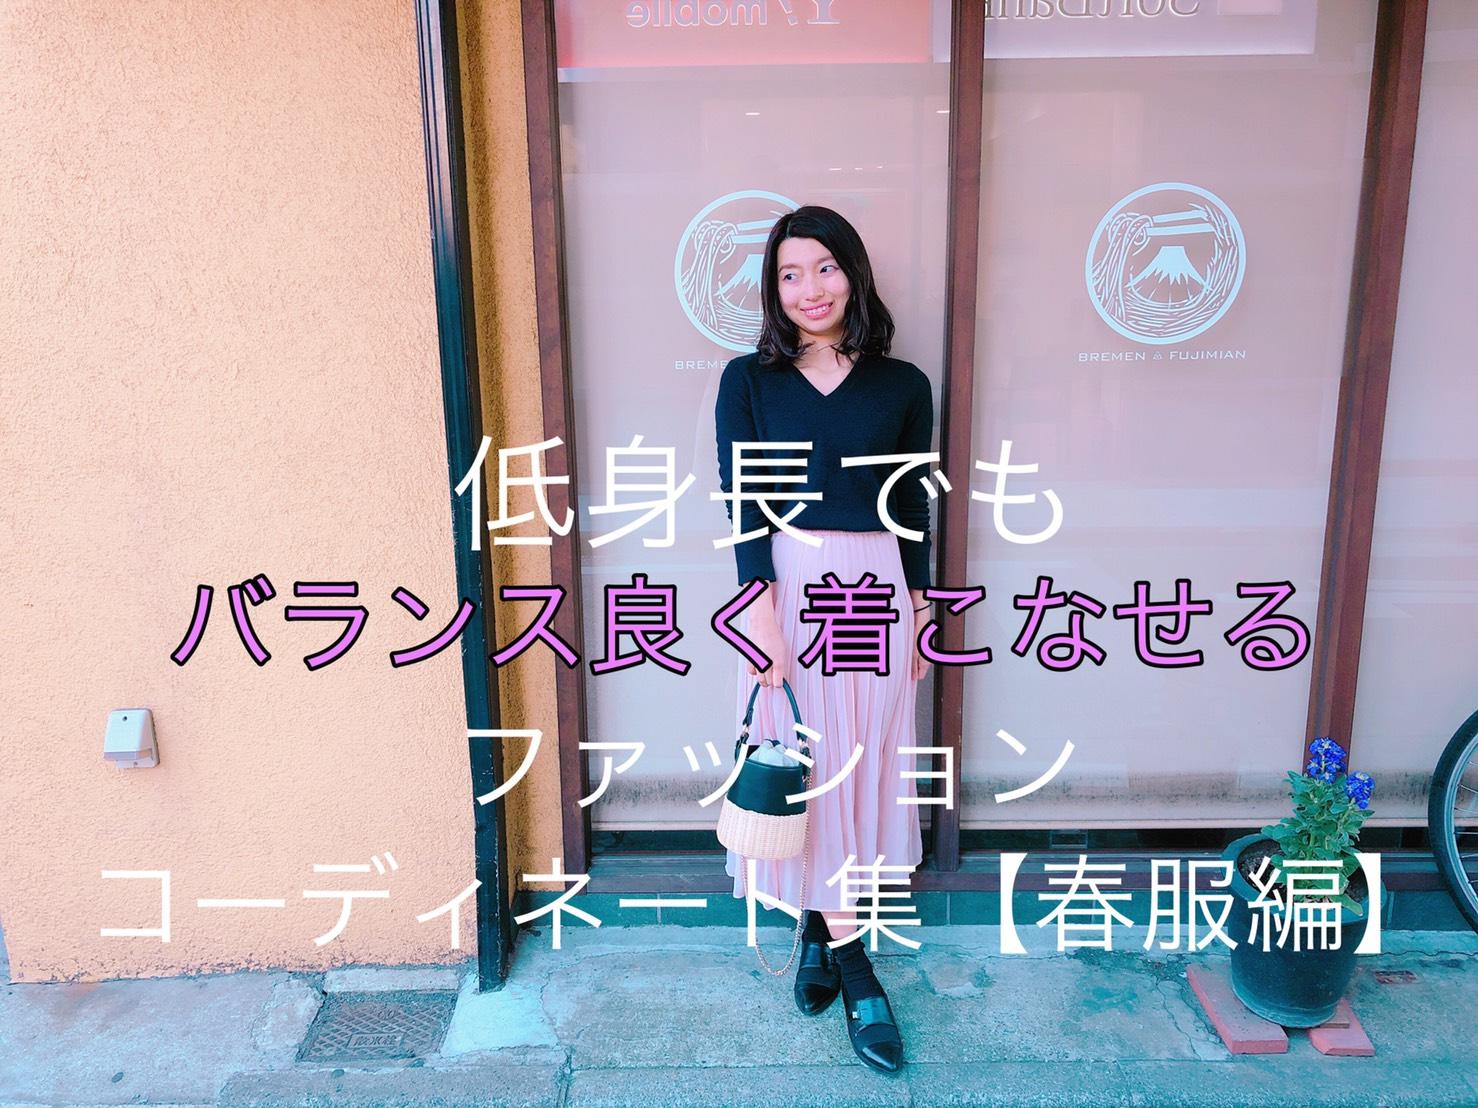 低身長でもバランスよく着こなせるファッションコーディネート集【春服編】